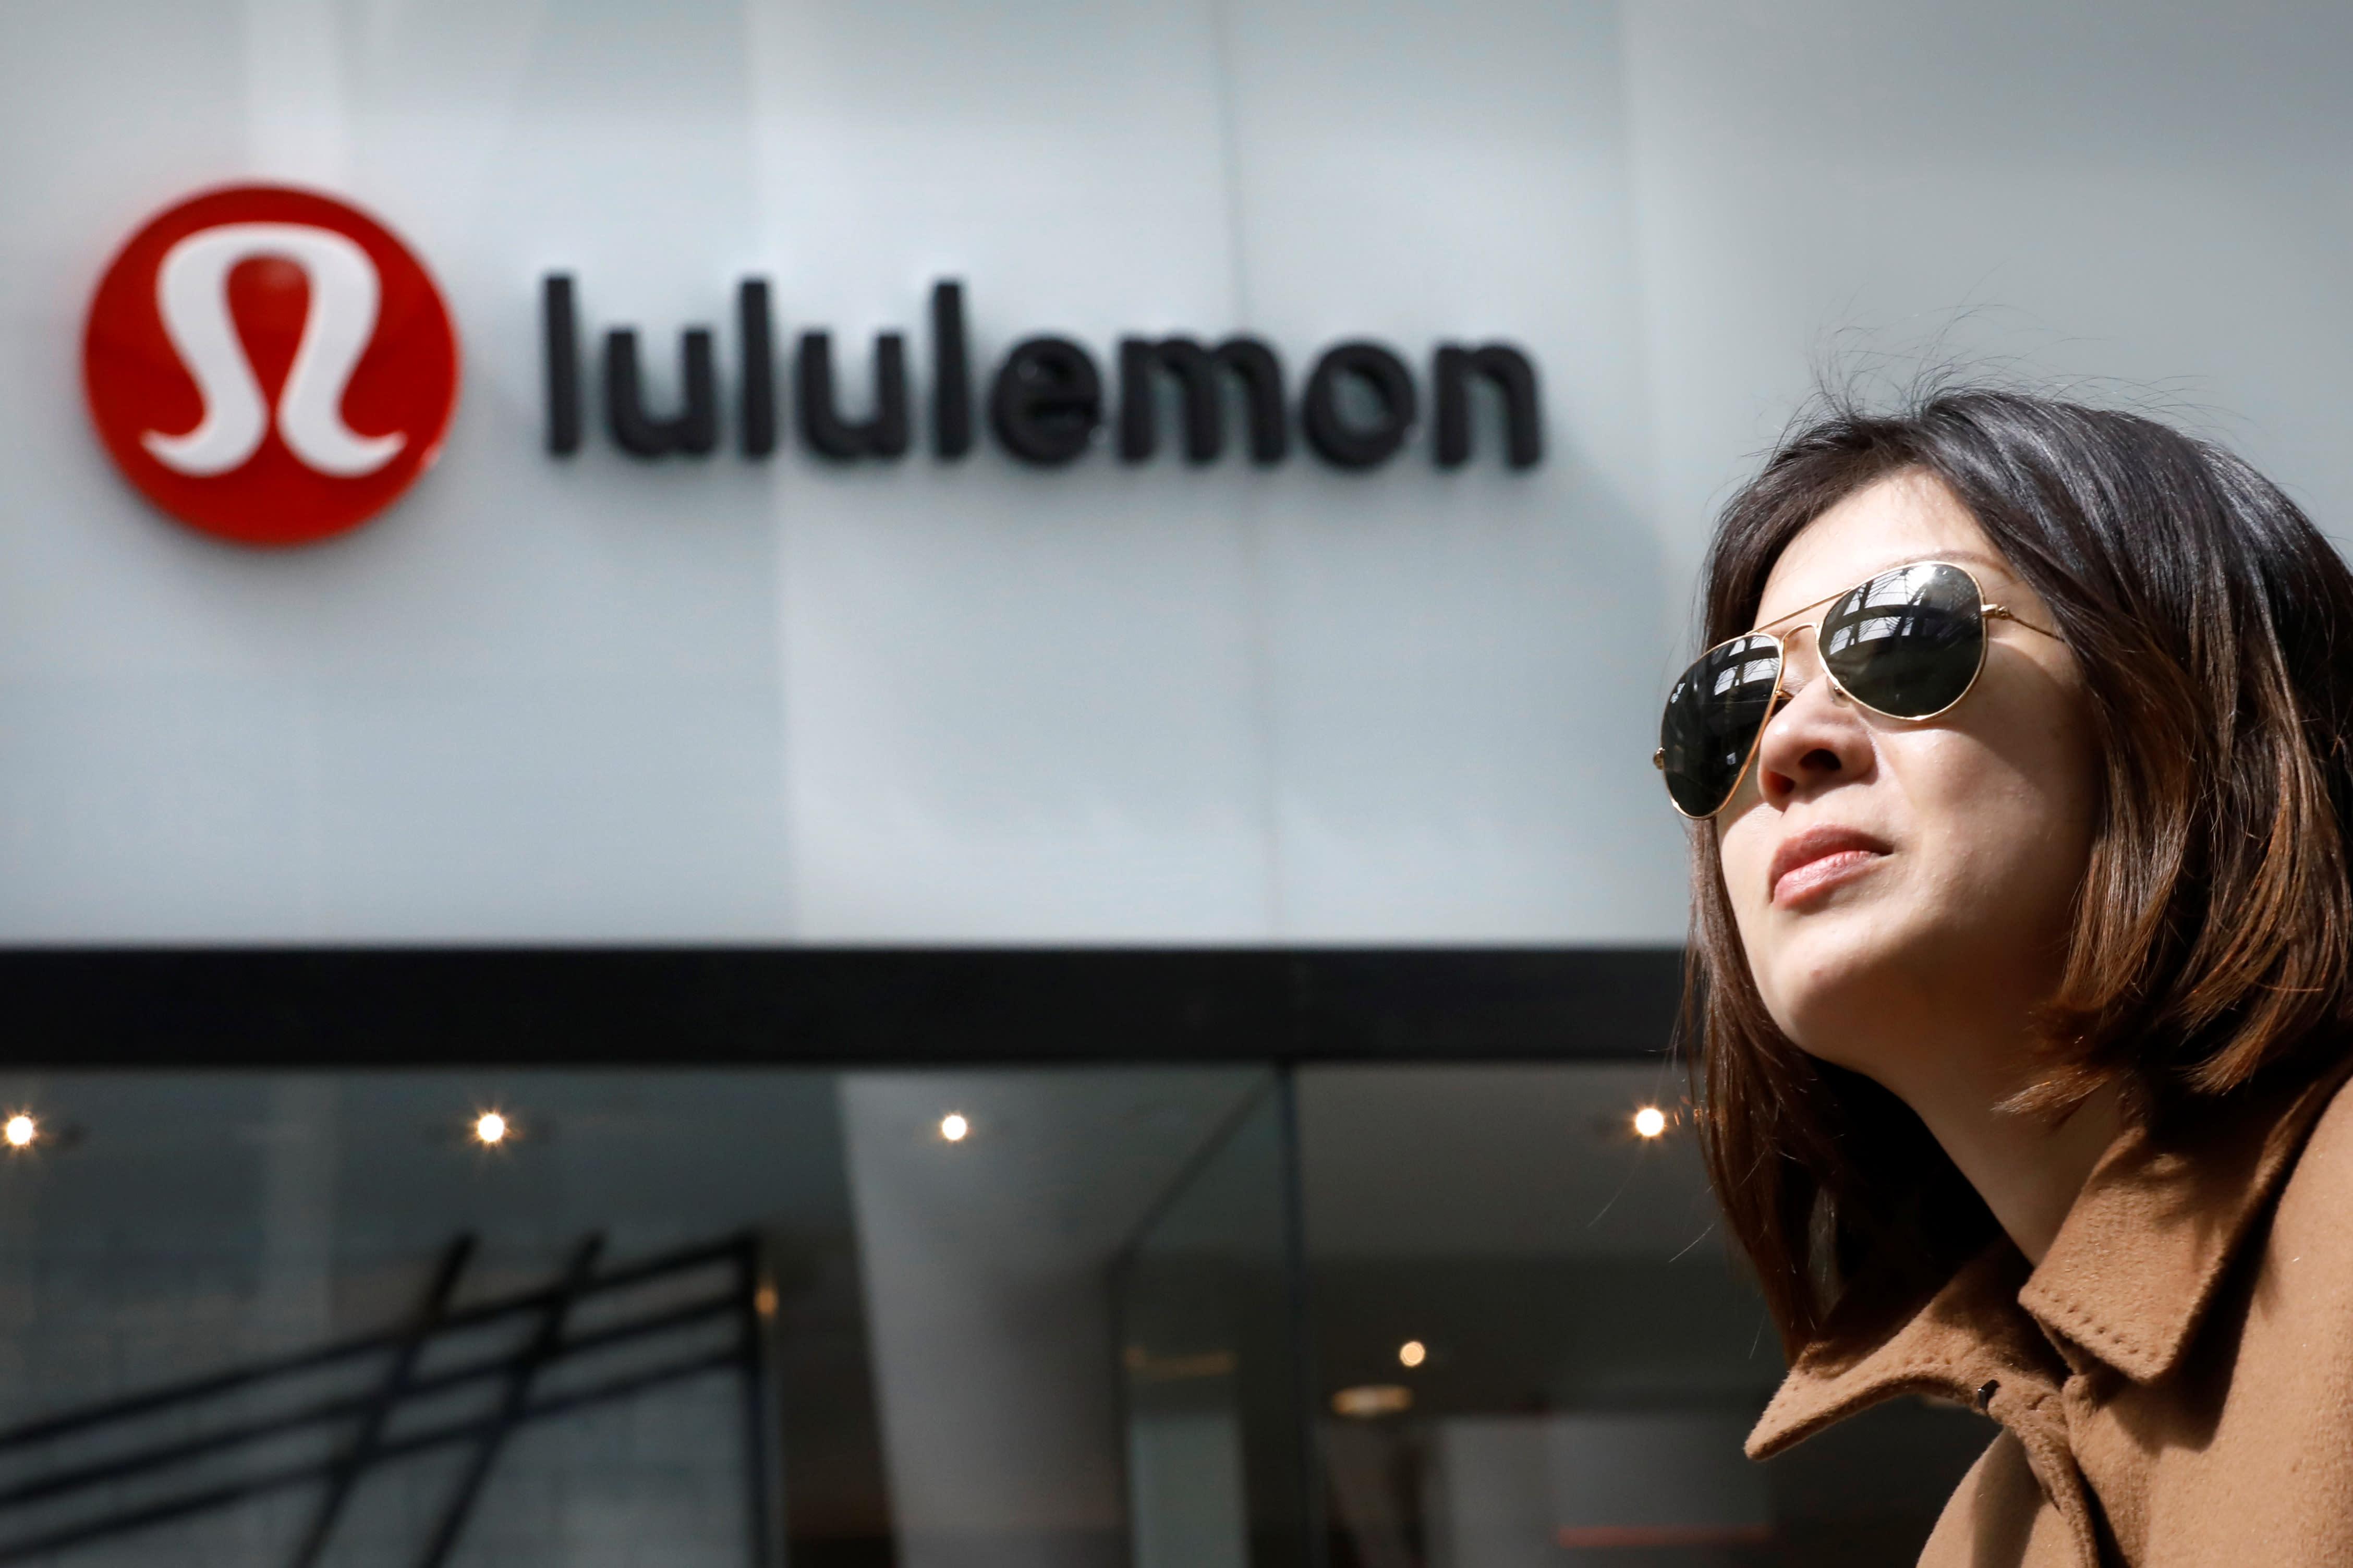 How Lululemon is avoiding China tariff trouble